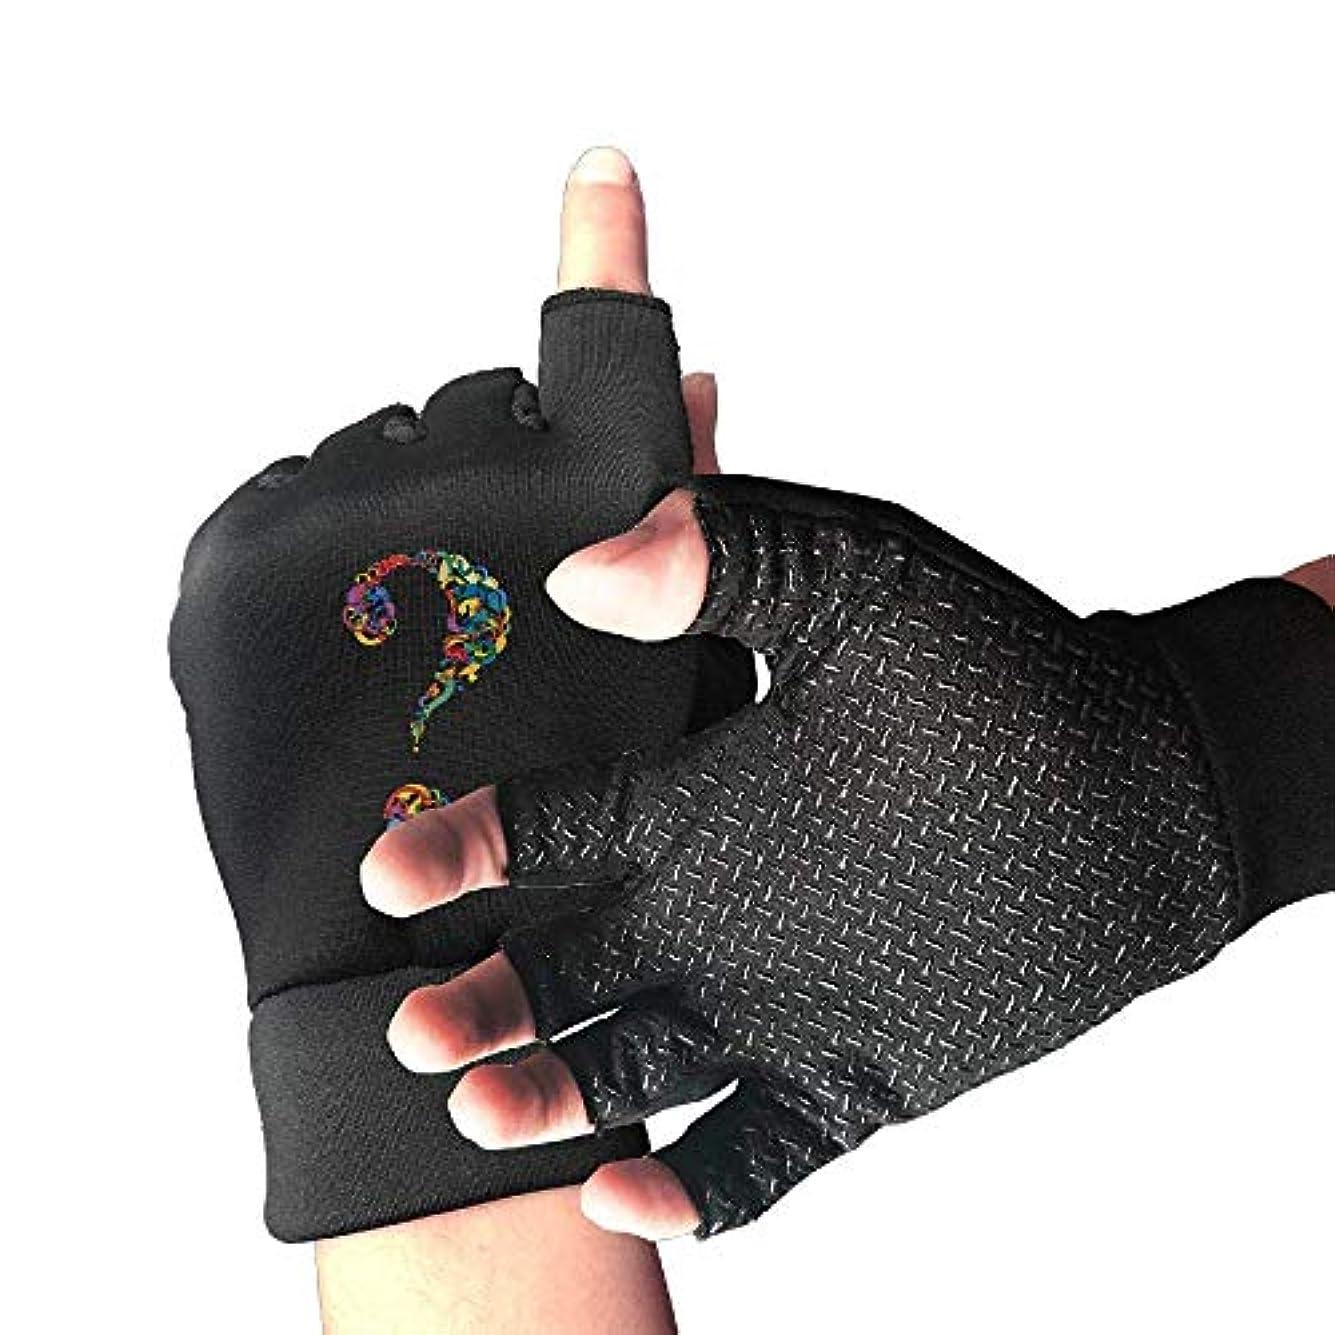 埋める金銭的な過度のCycling Gloves Creative Question Mark Men's/Women's Mountain Bike Gloves Half Finger Anti-Slip Motorcycle Gloves